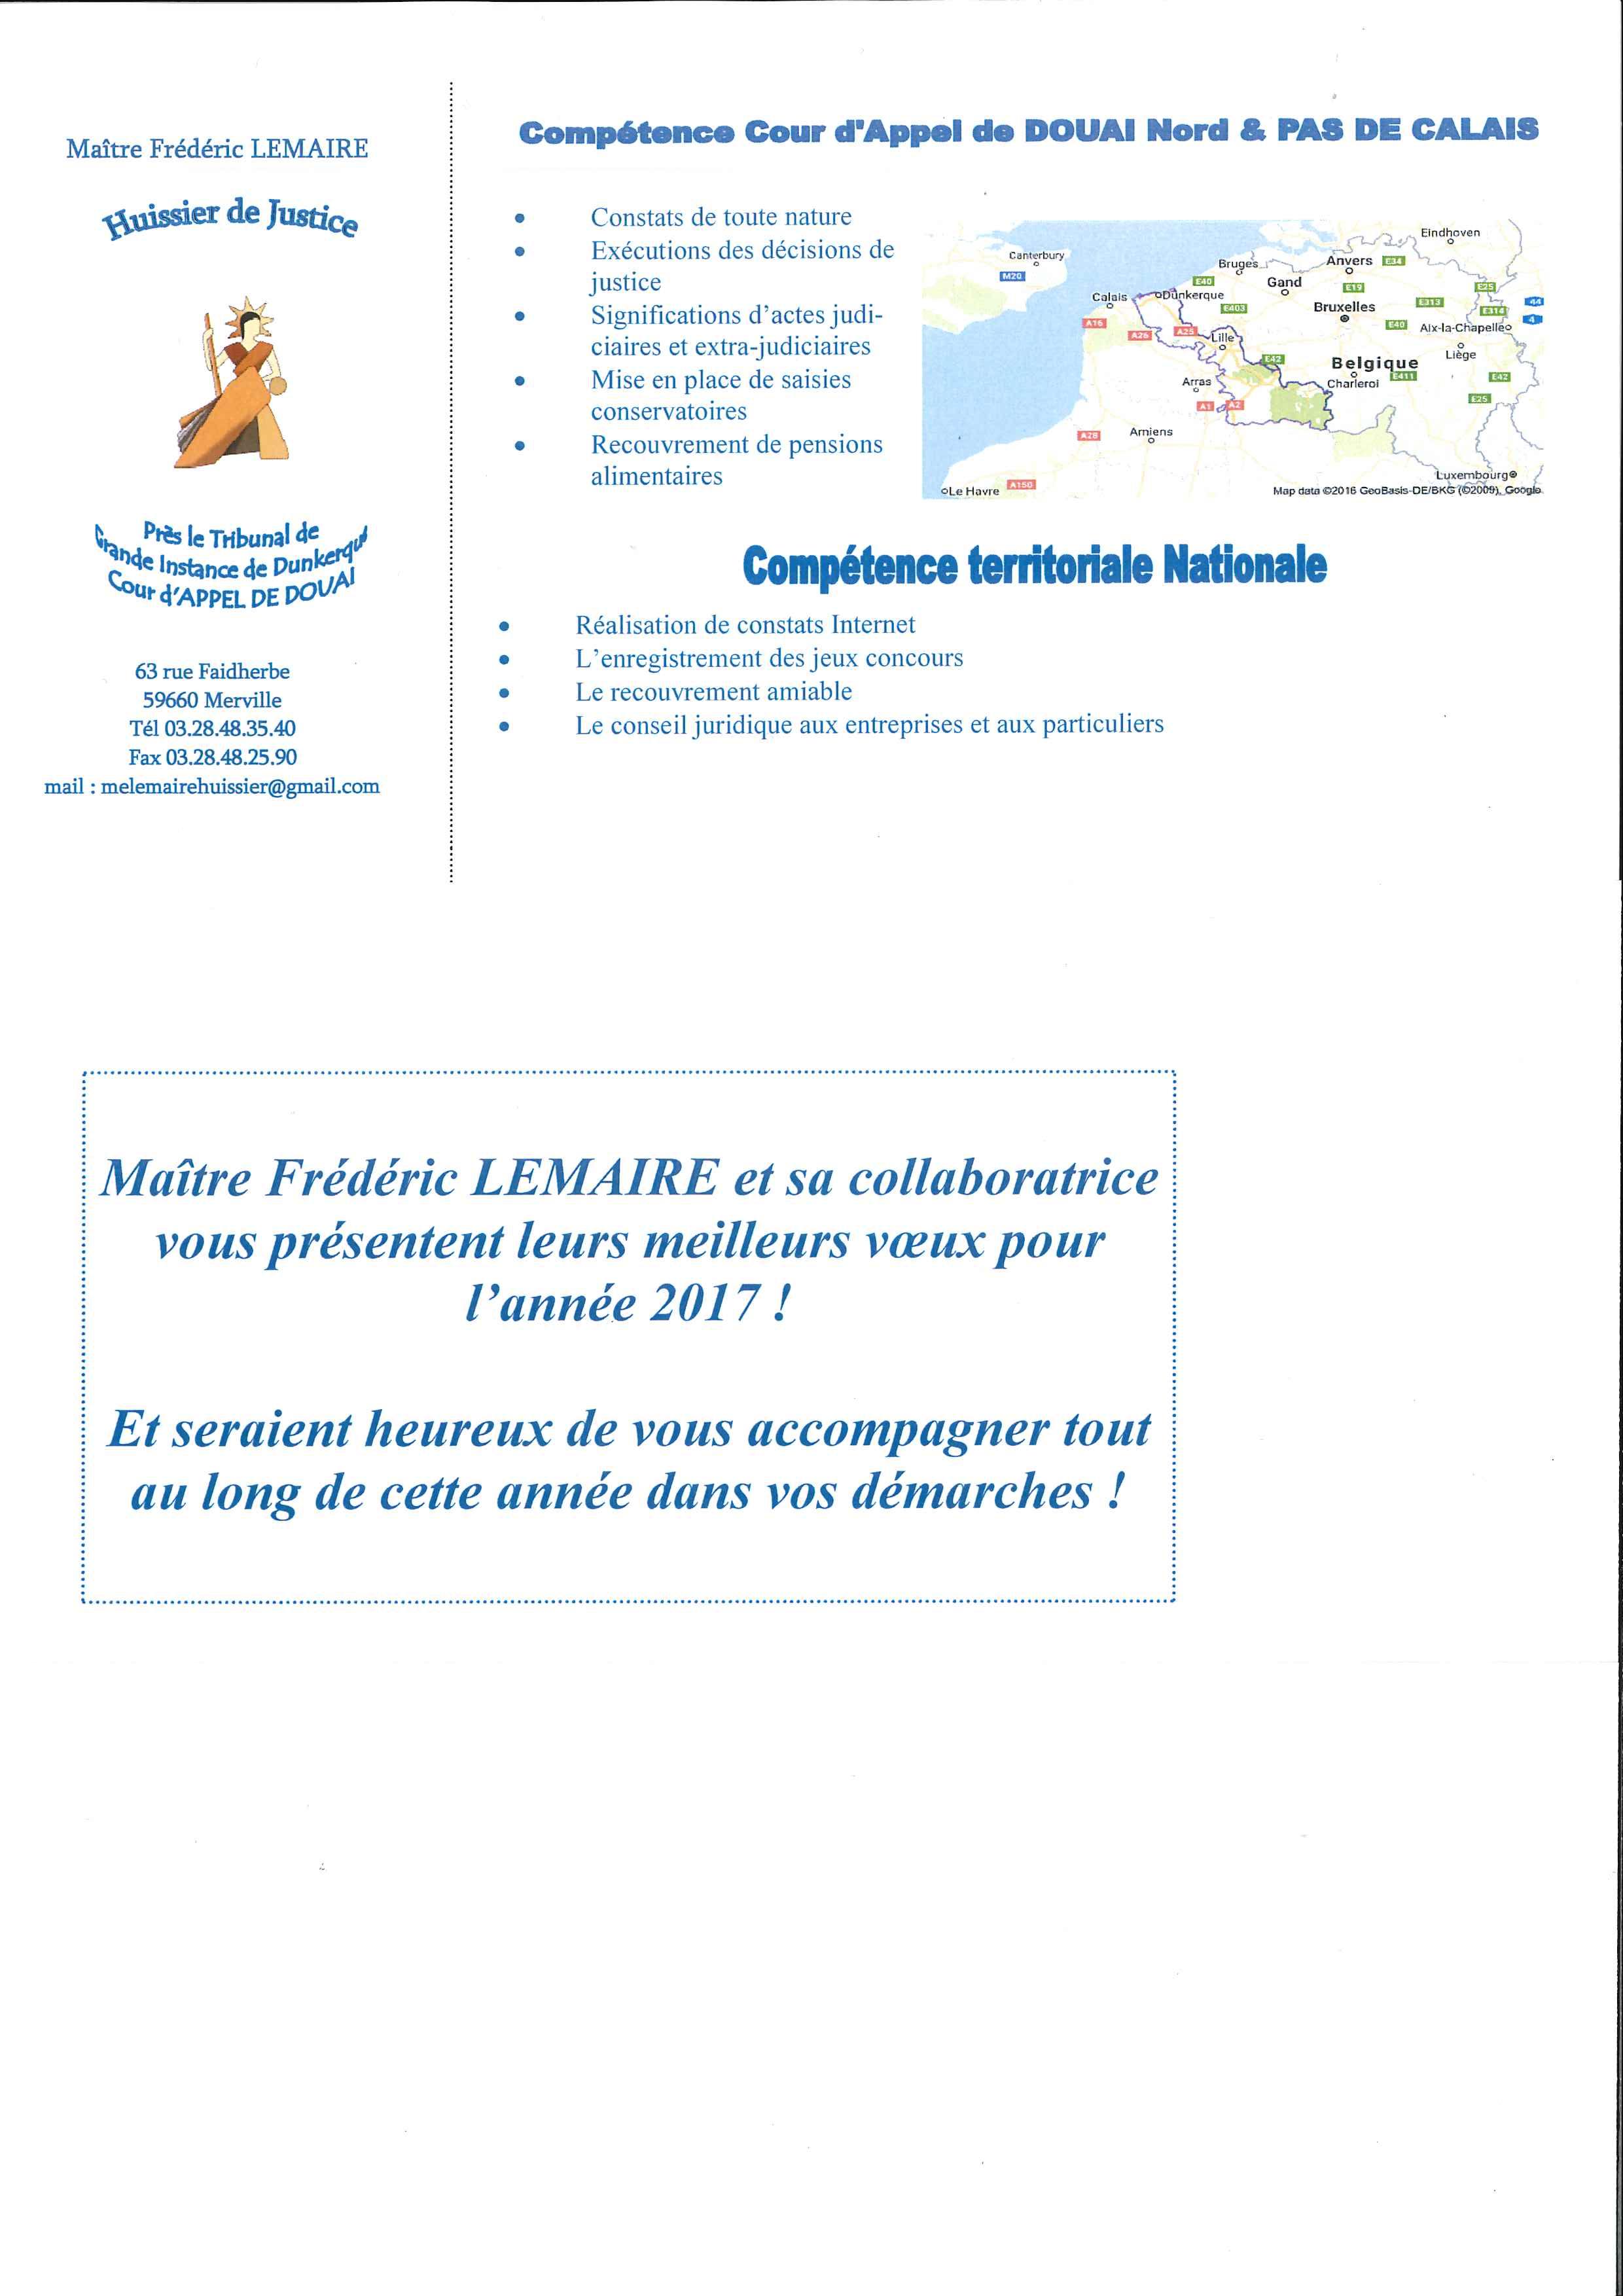 Huissier de Justice Ma tre Lemaire